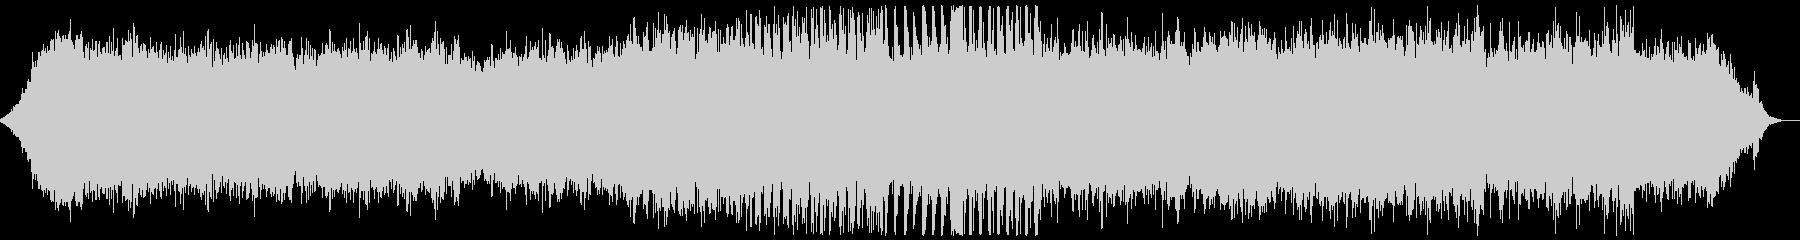 キラキラした音の入ったヒーリング音楽の未再生の波形